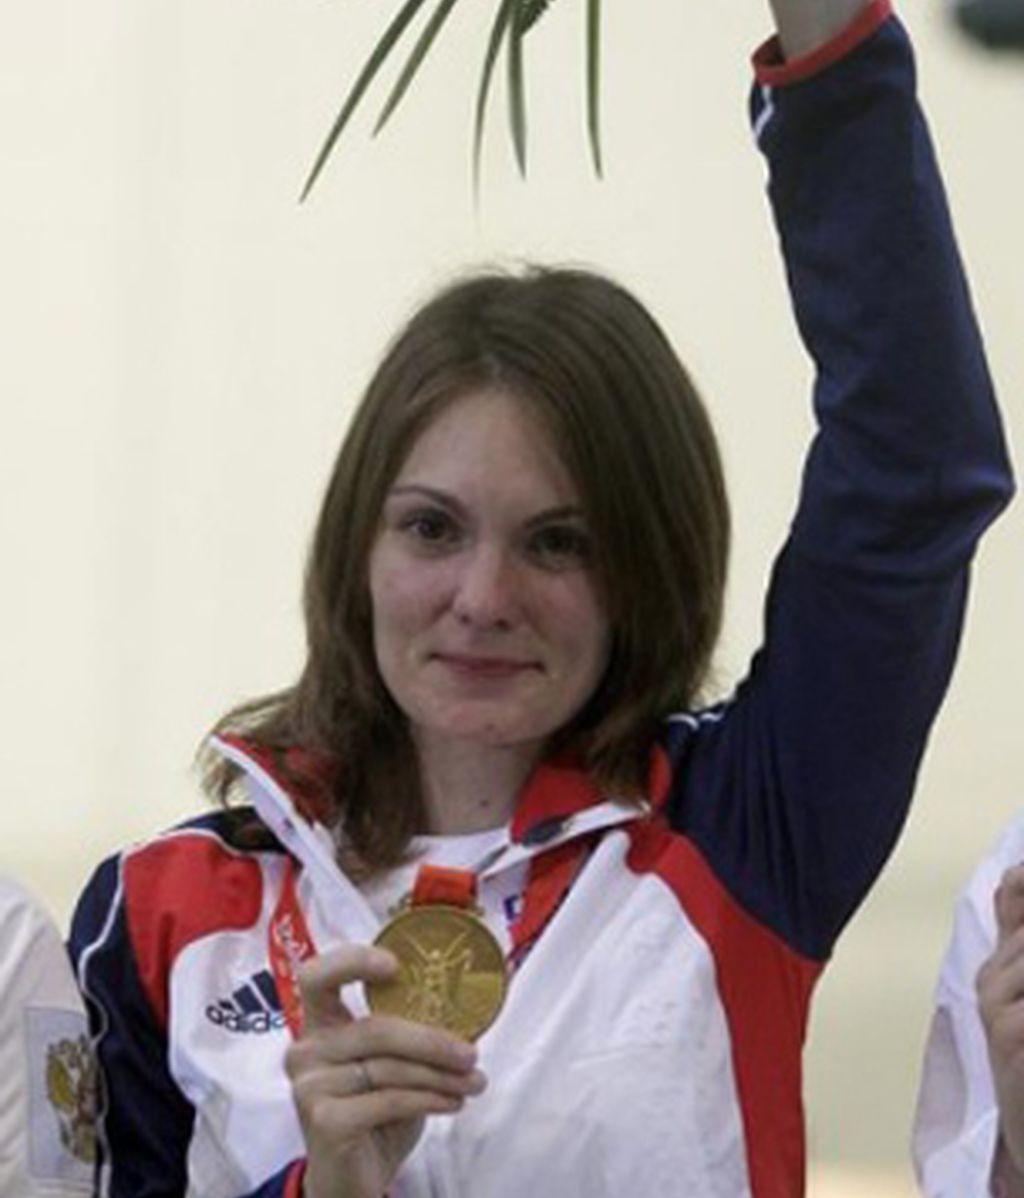 La checa Emmons gana en carabina sobre 10 metros el primer oro de Pekín 2008